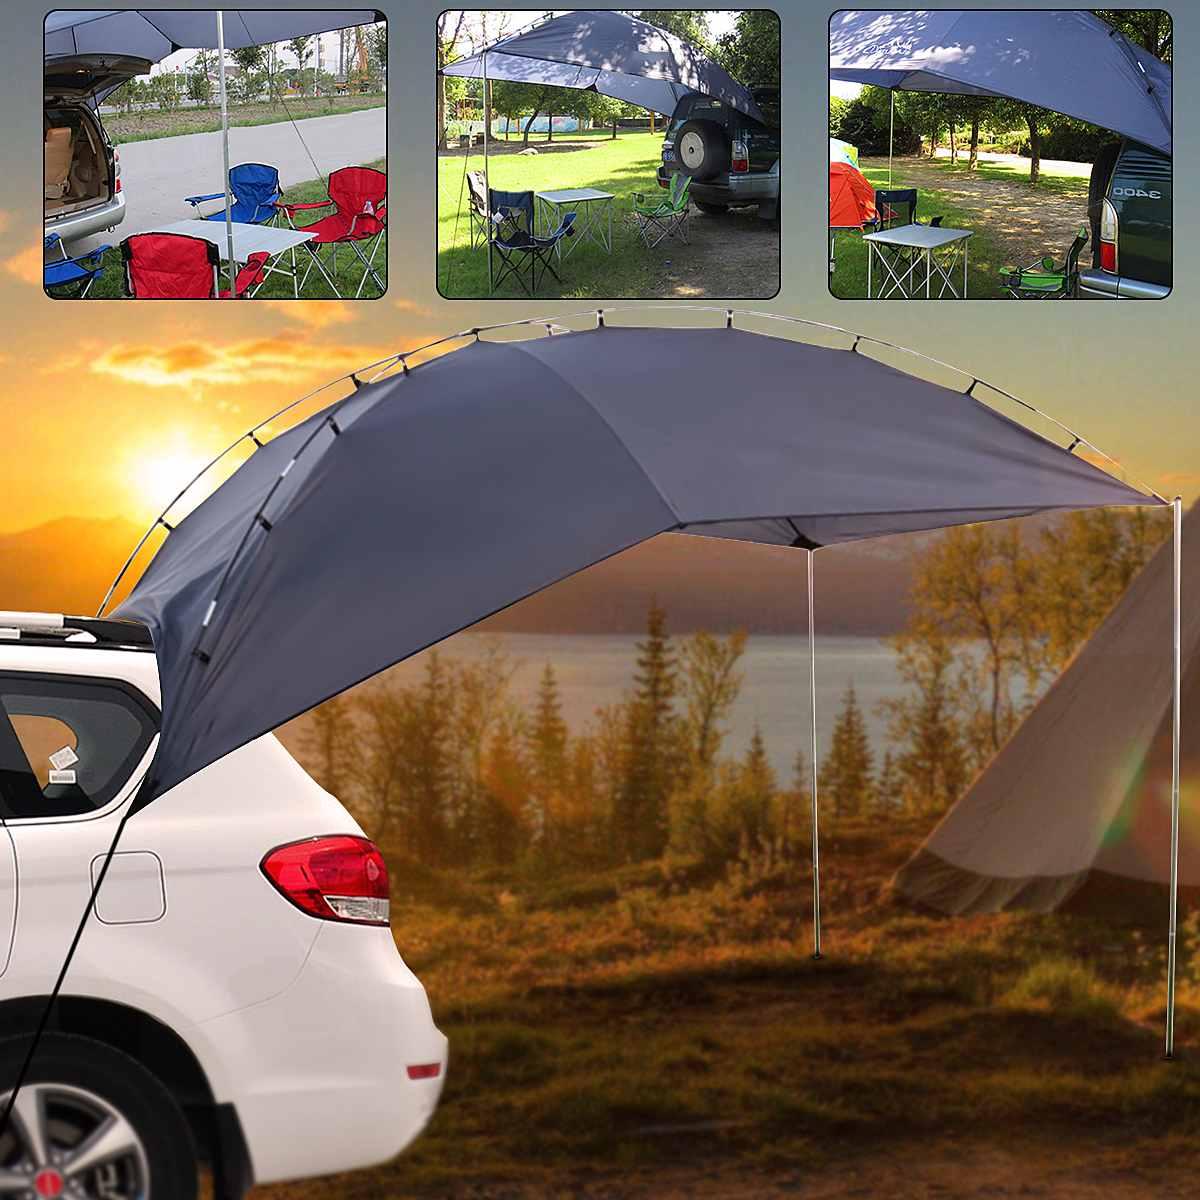 Abri Portable camion voiture tente remorque auvent toit campeurs extérieur auvent parasol